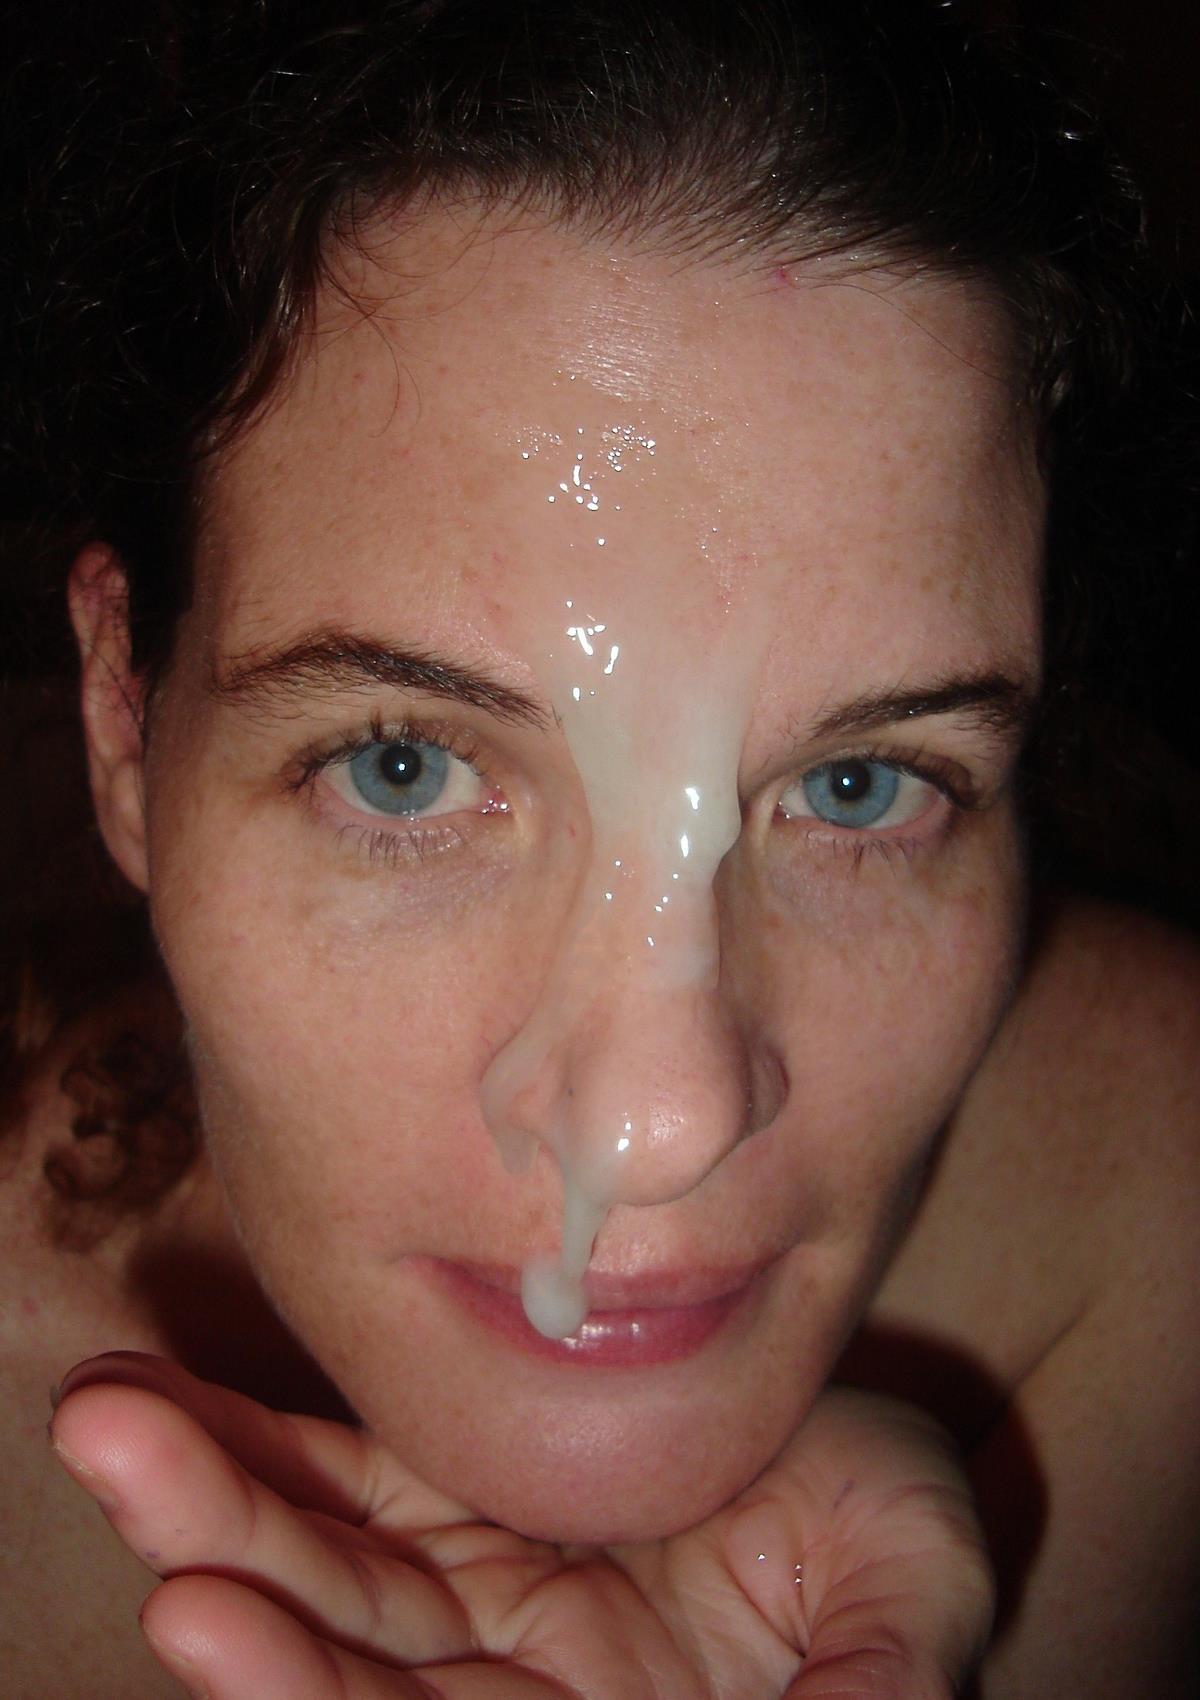 Сперма лягла ровно на лицо